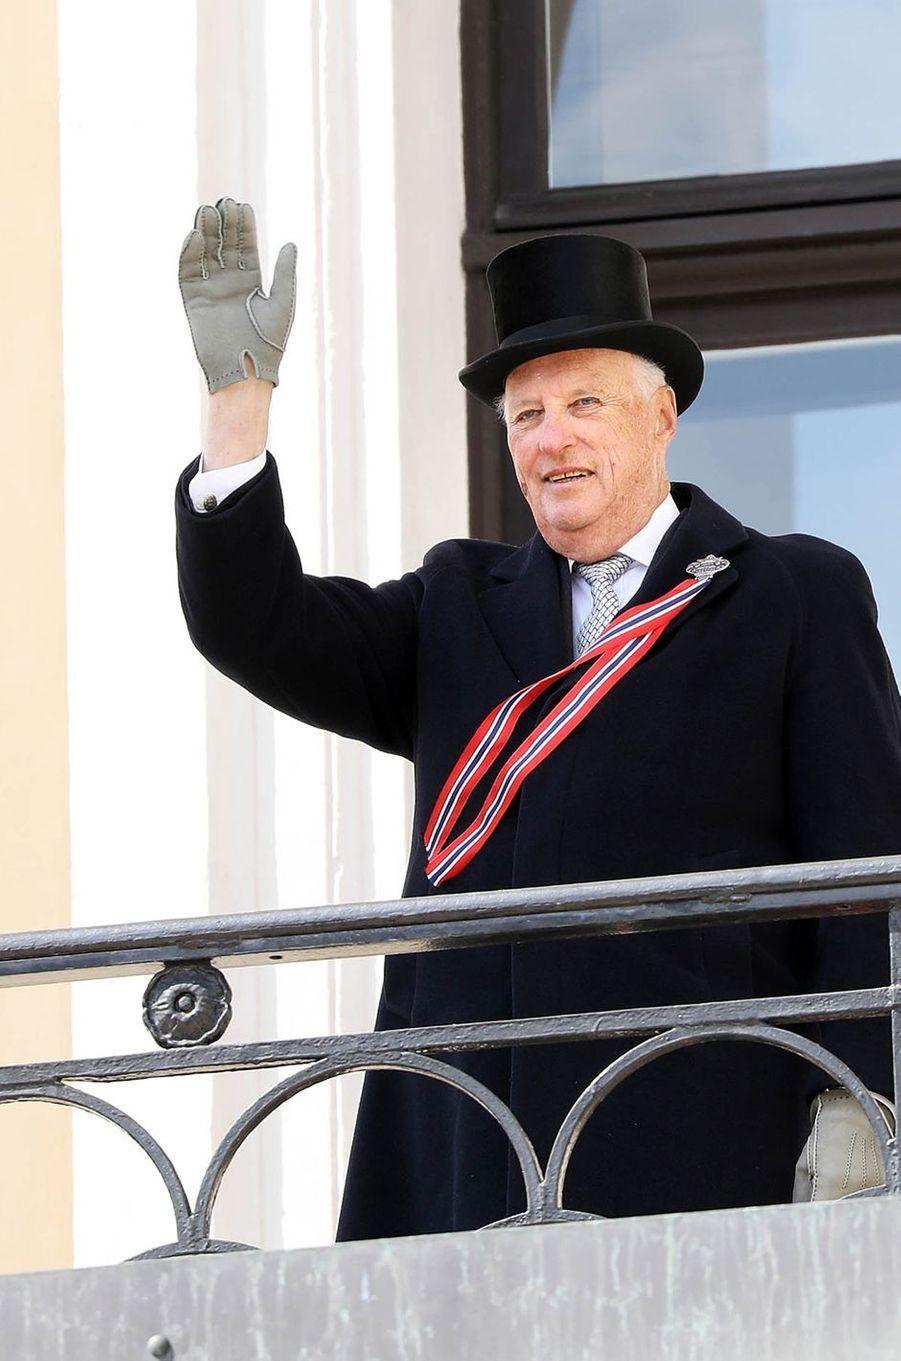 Le roi harald V de Norvège à Oslo, le 17 mai 2018